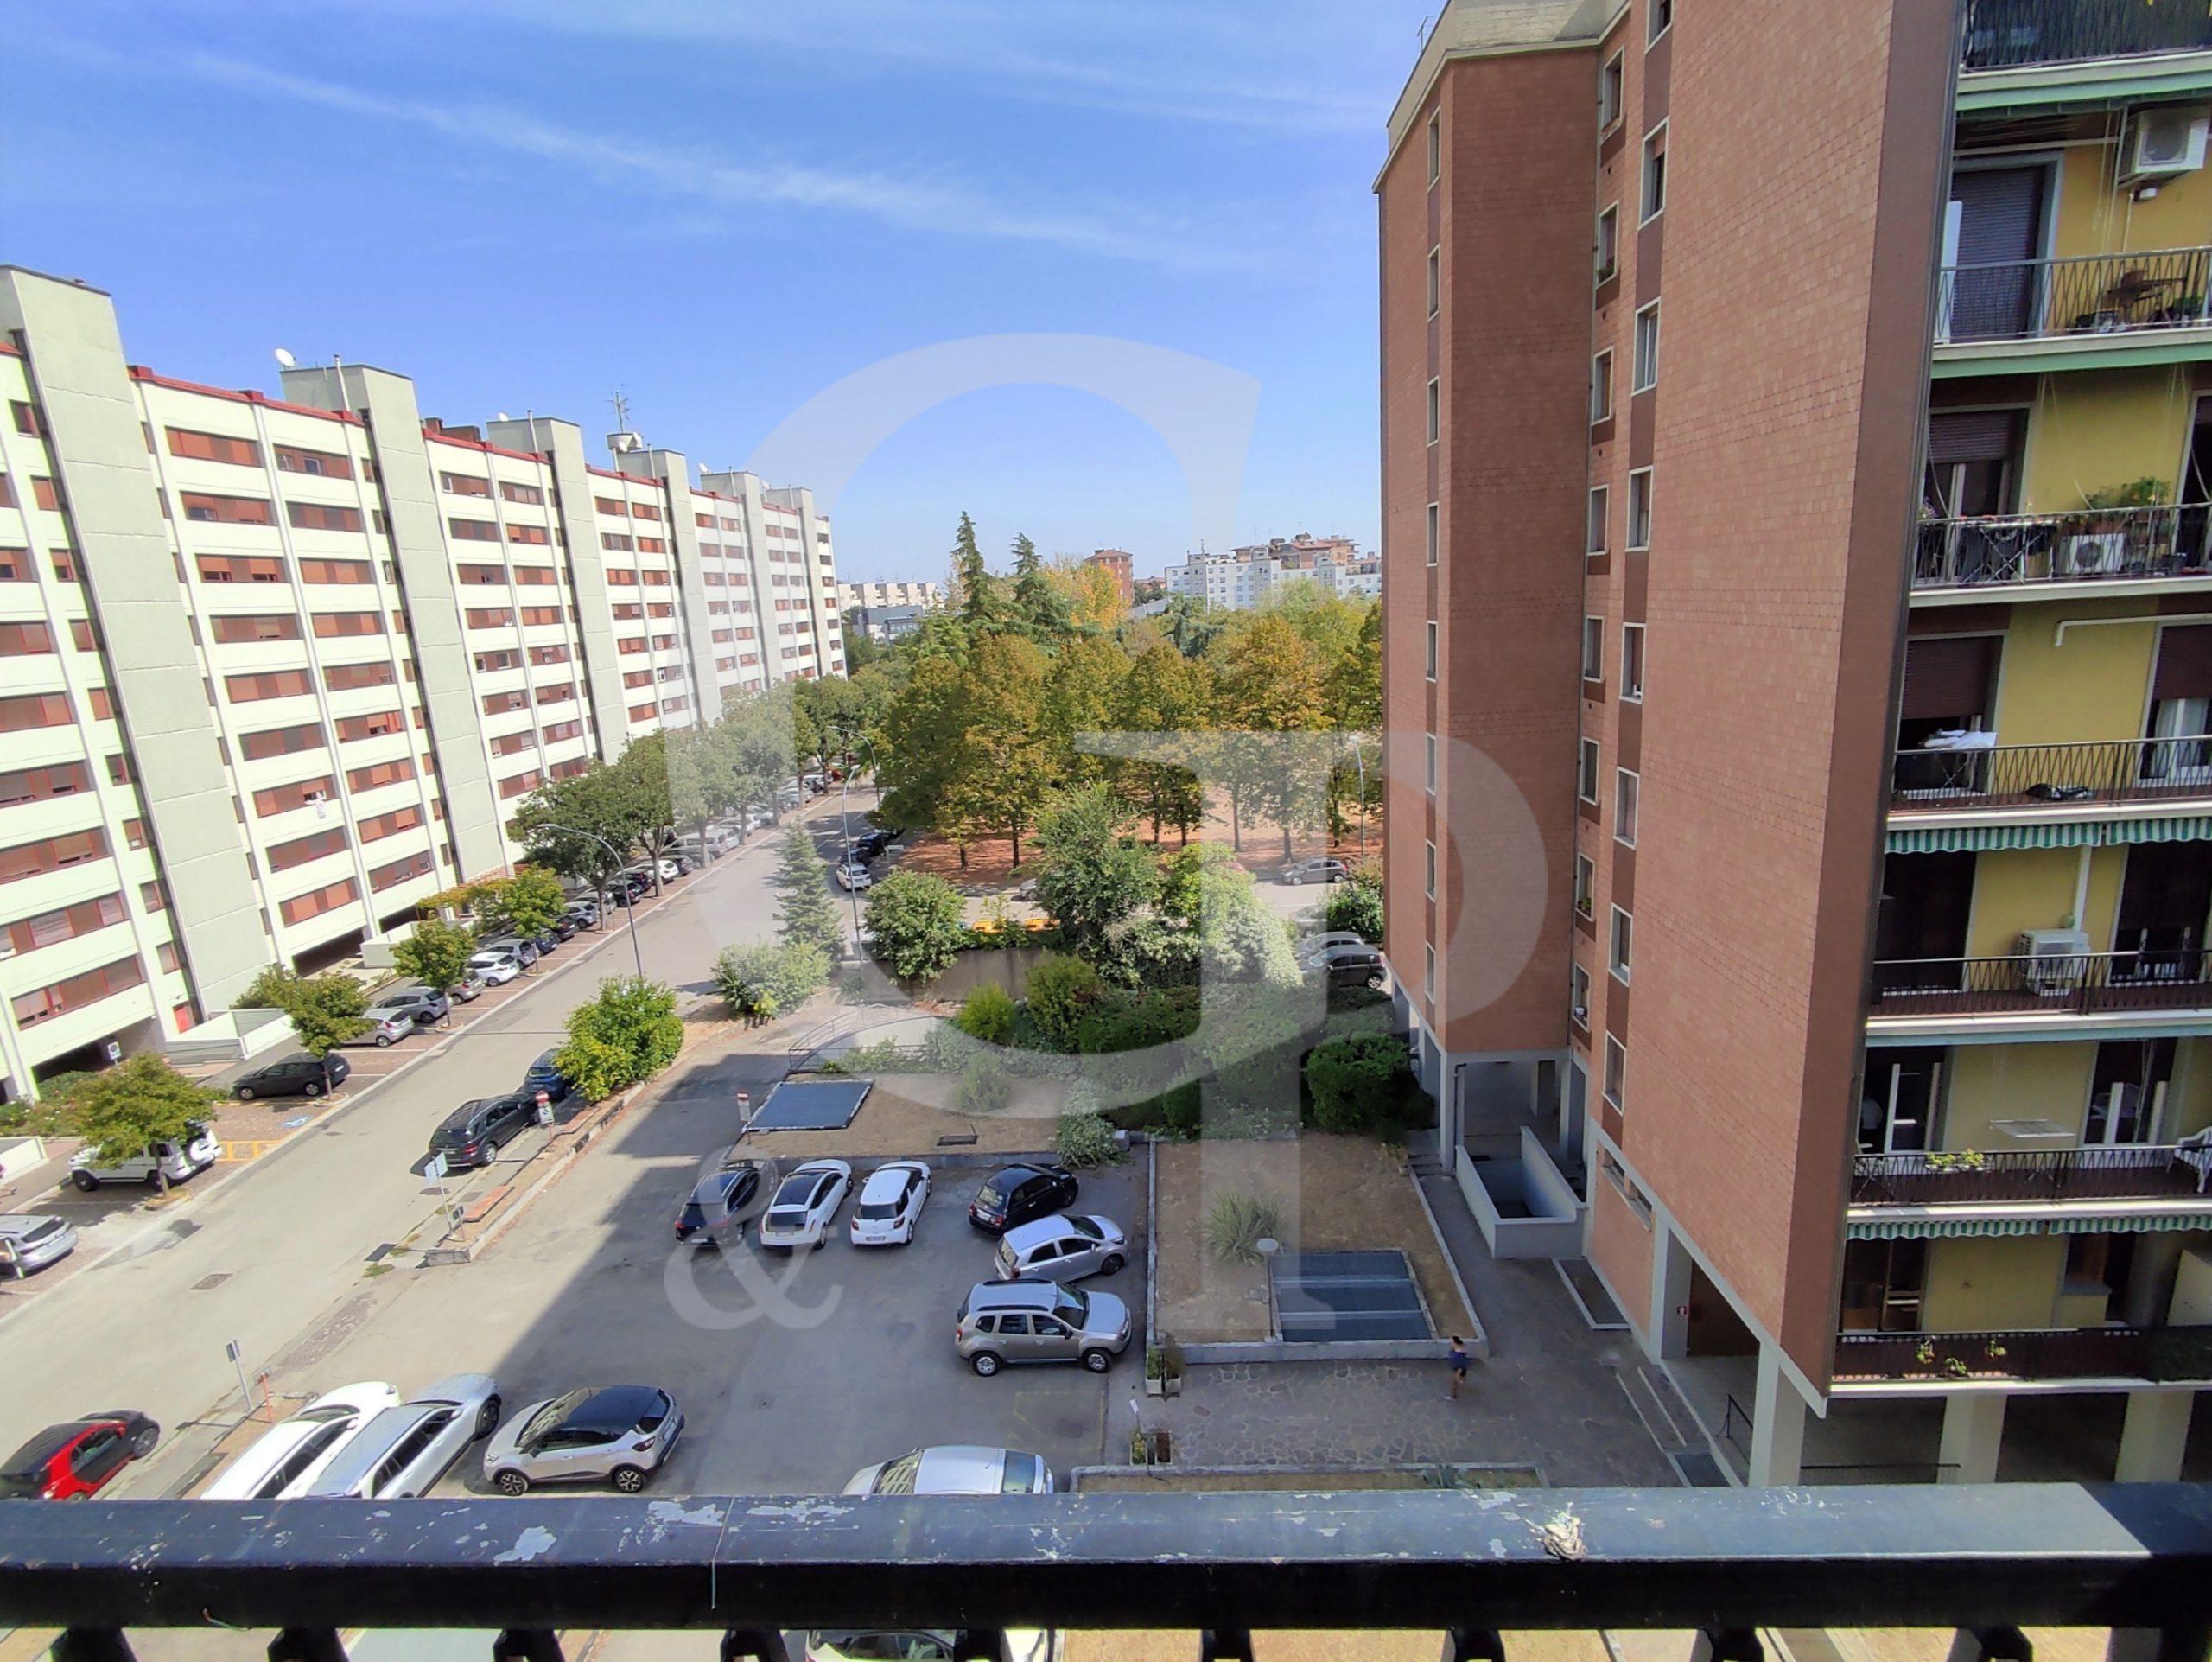 Bologna, Appartamento con balcone (Via Lorenzetti, Barca) – Vendita